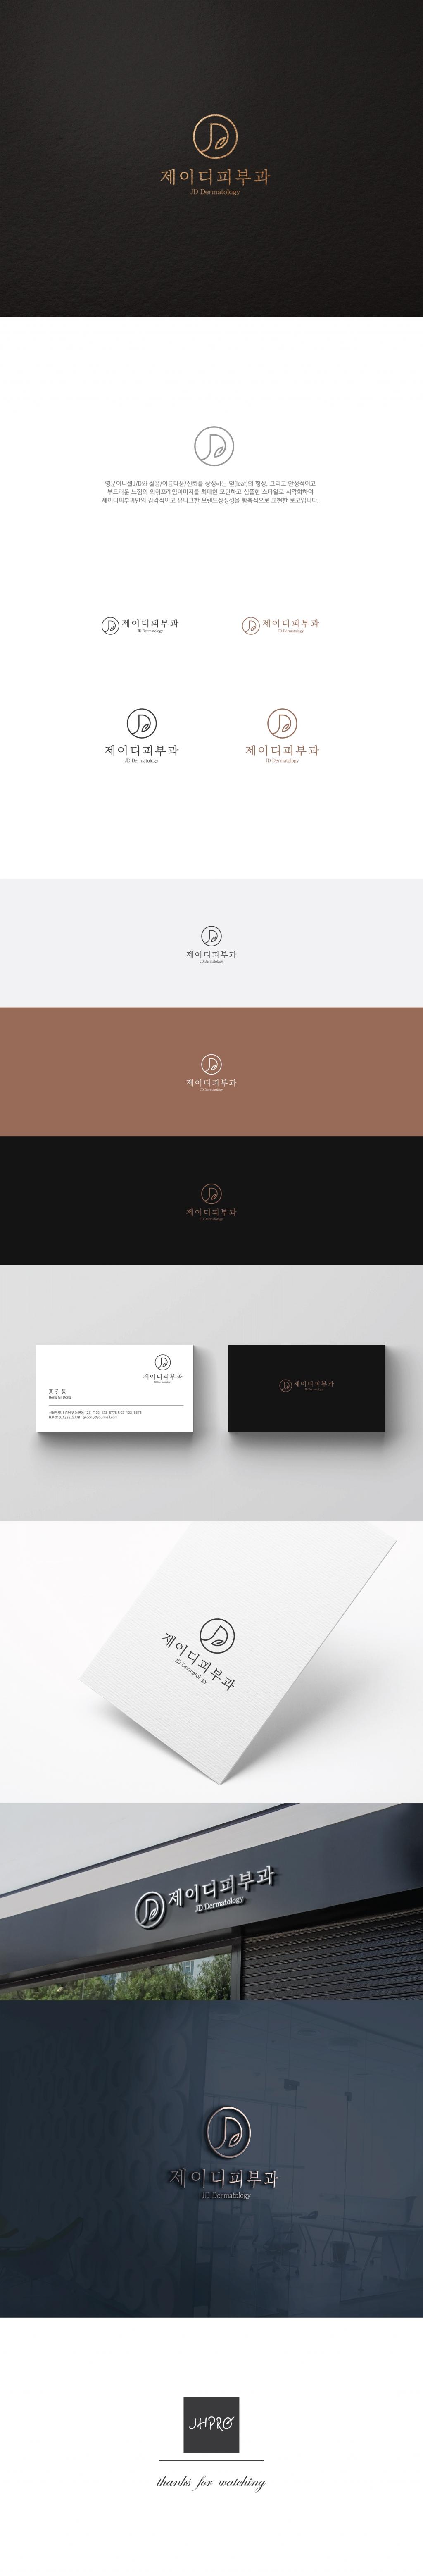 로고 디자인 | 제이디피부과 (JD Dermatology) 로고디자인 의뢰 | 라우드소싱 포트폴리오